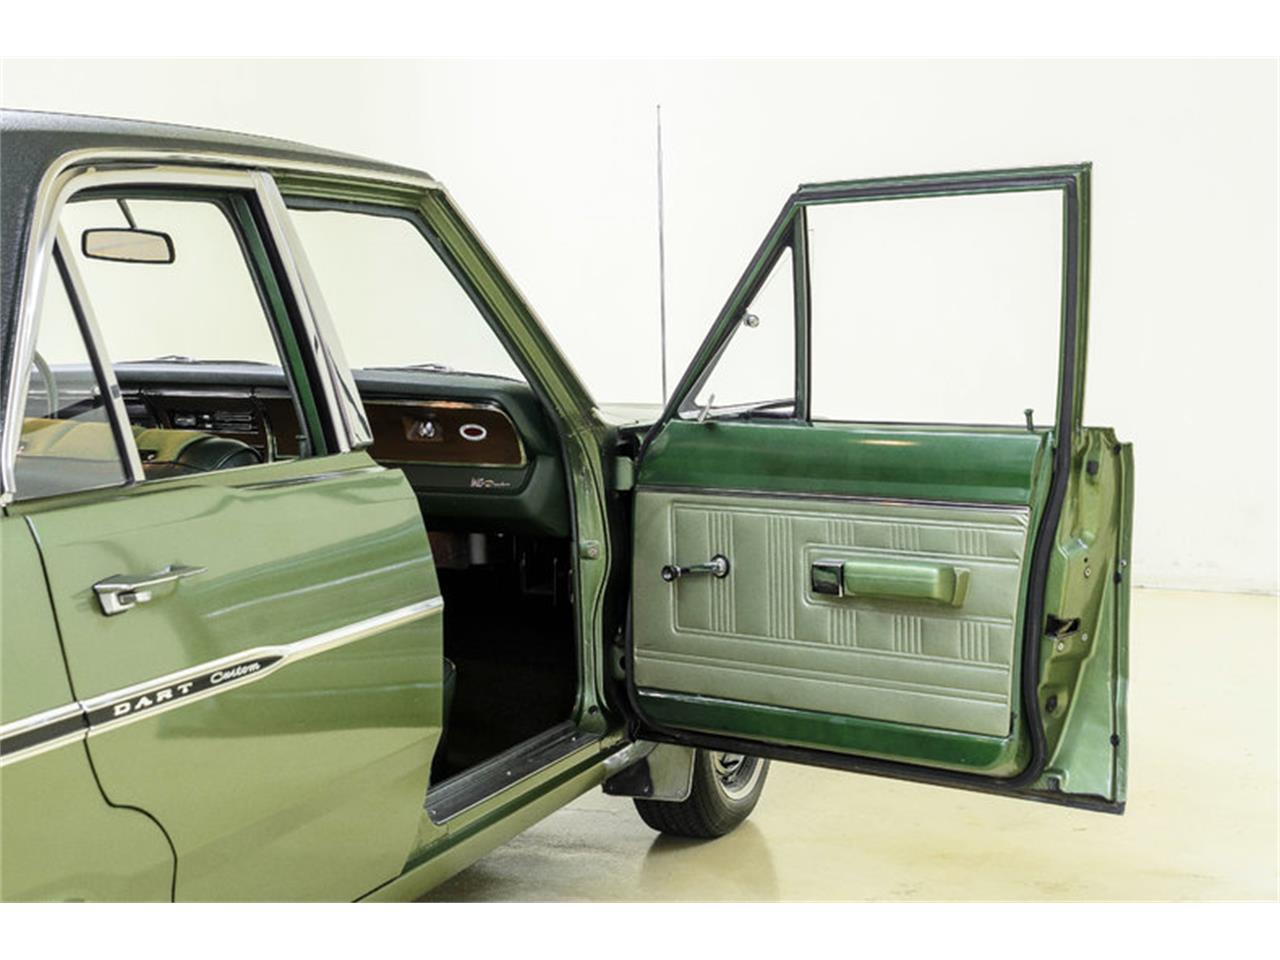 Large Picture of Classic '70 Dodge Dart - $12,995.00 - LASI